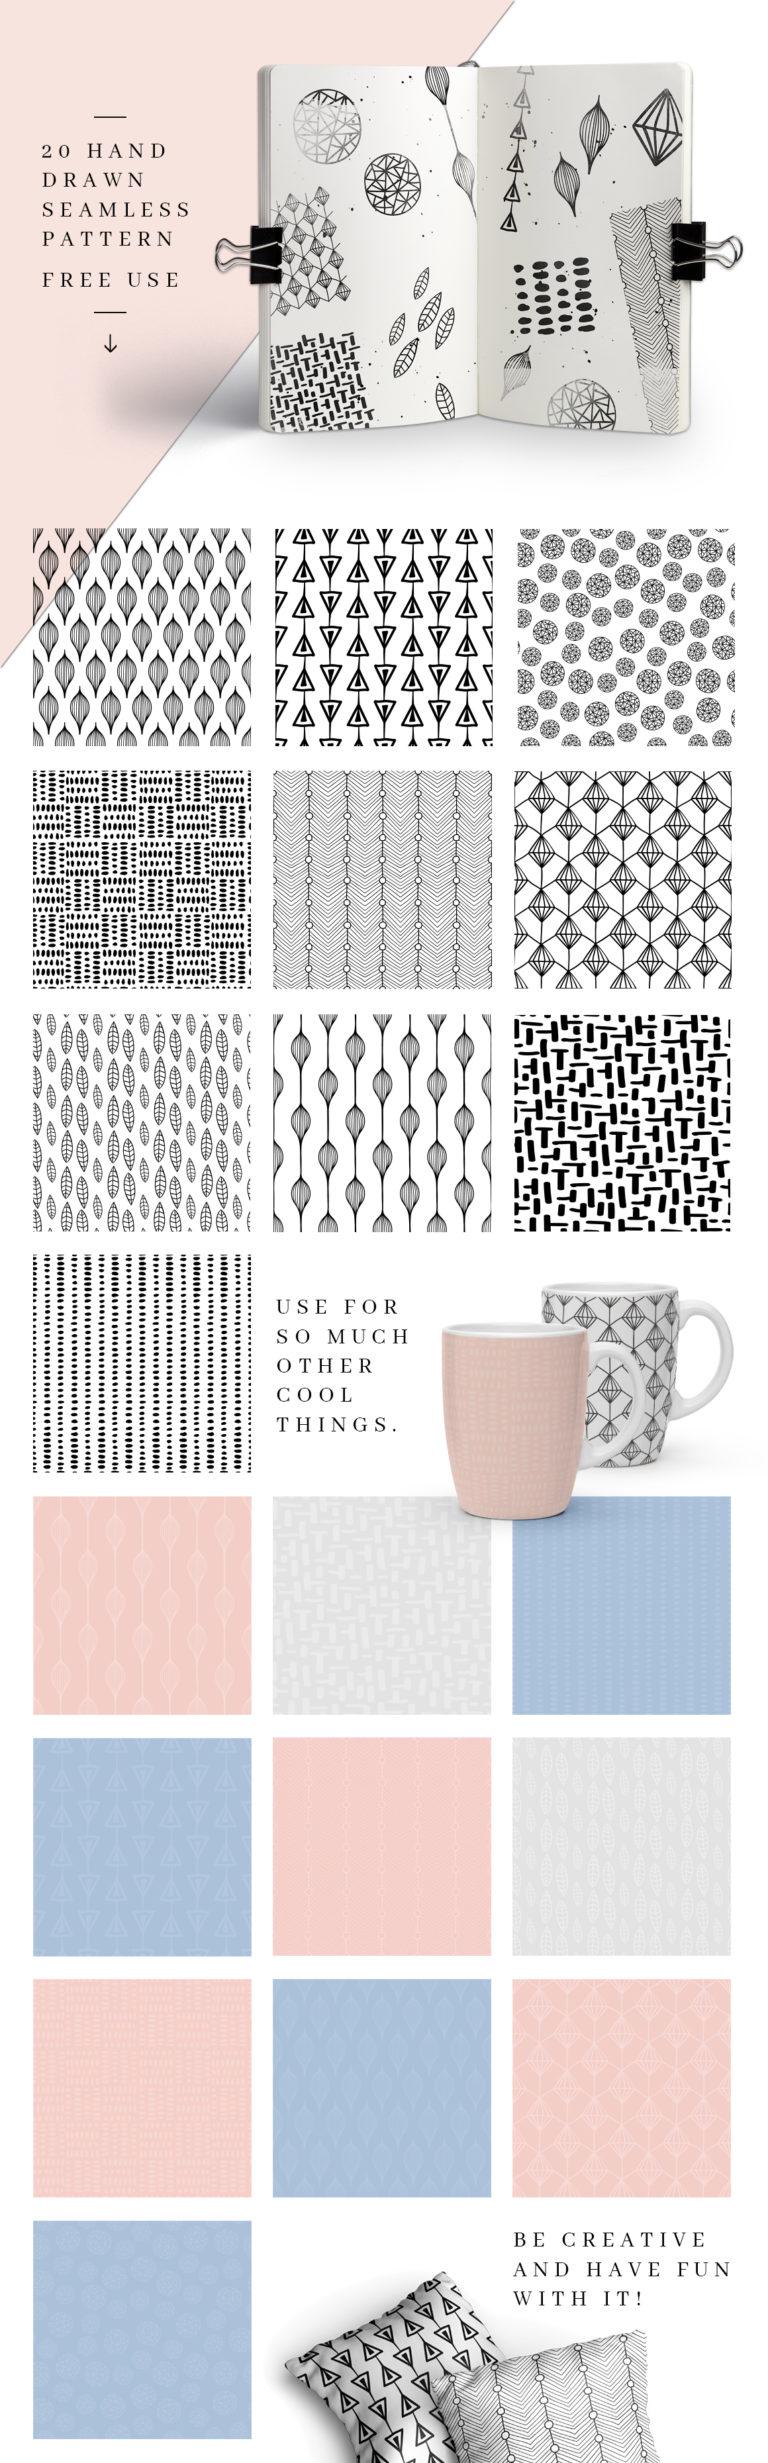 MALINA Brochure + 20 Seamless Pattern - Unbenannt 7 scaled -